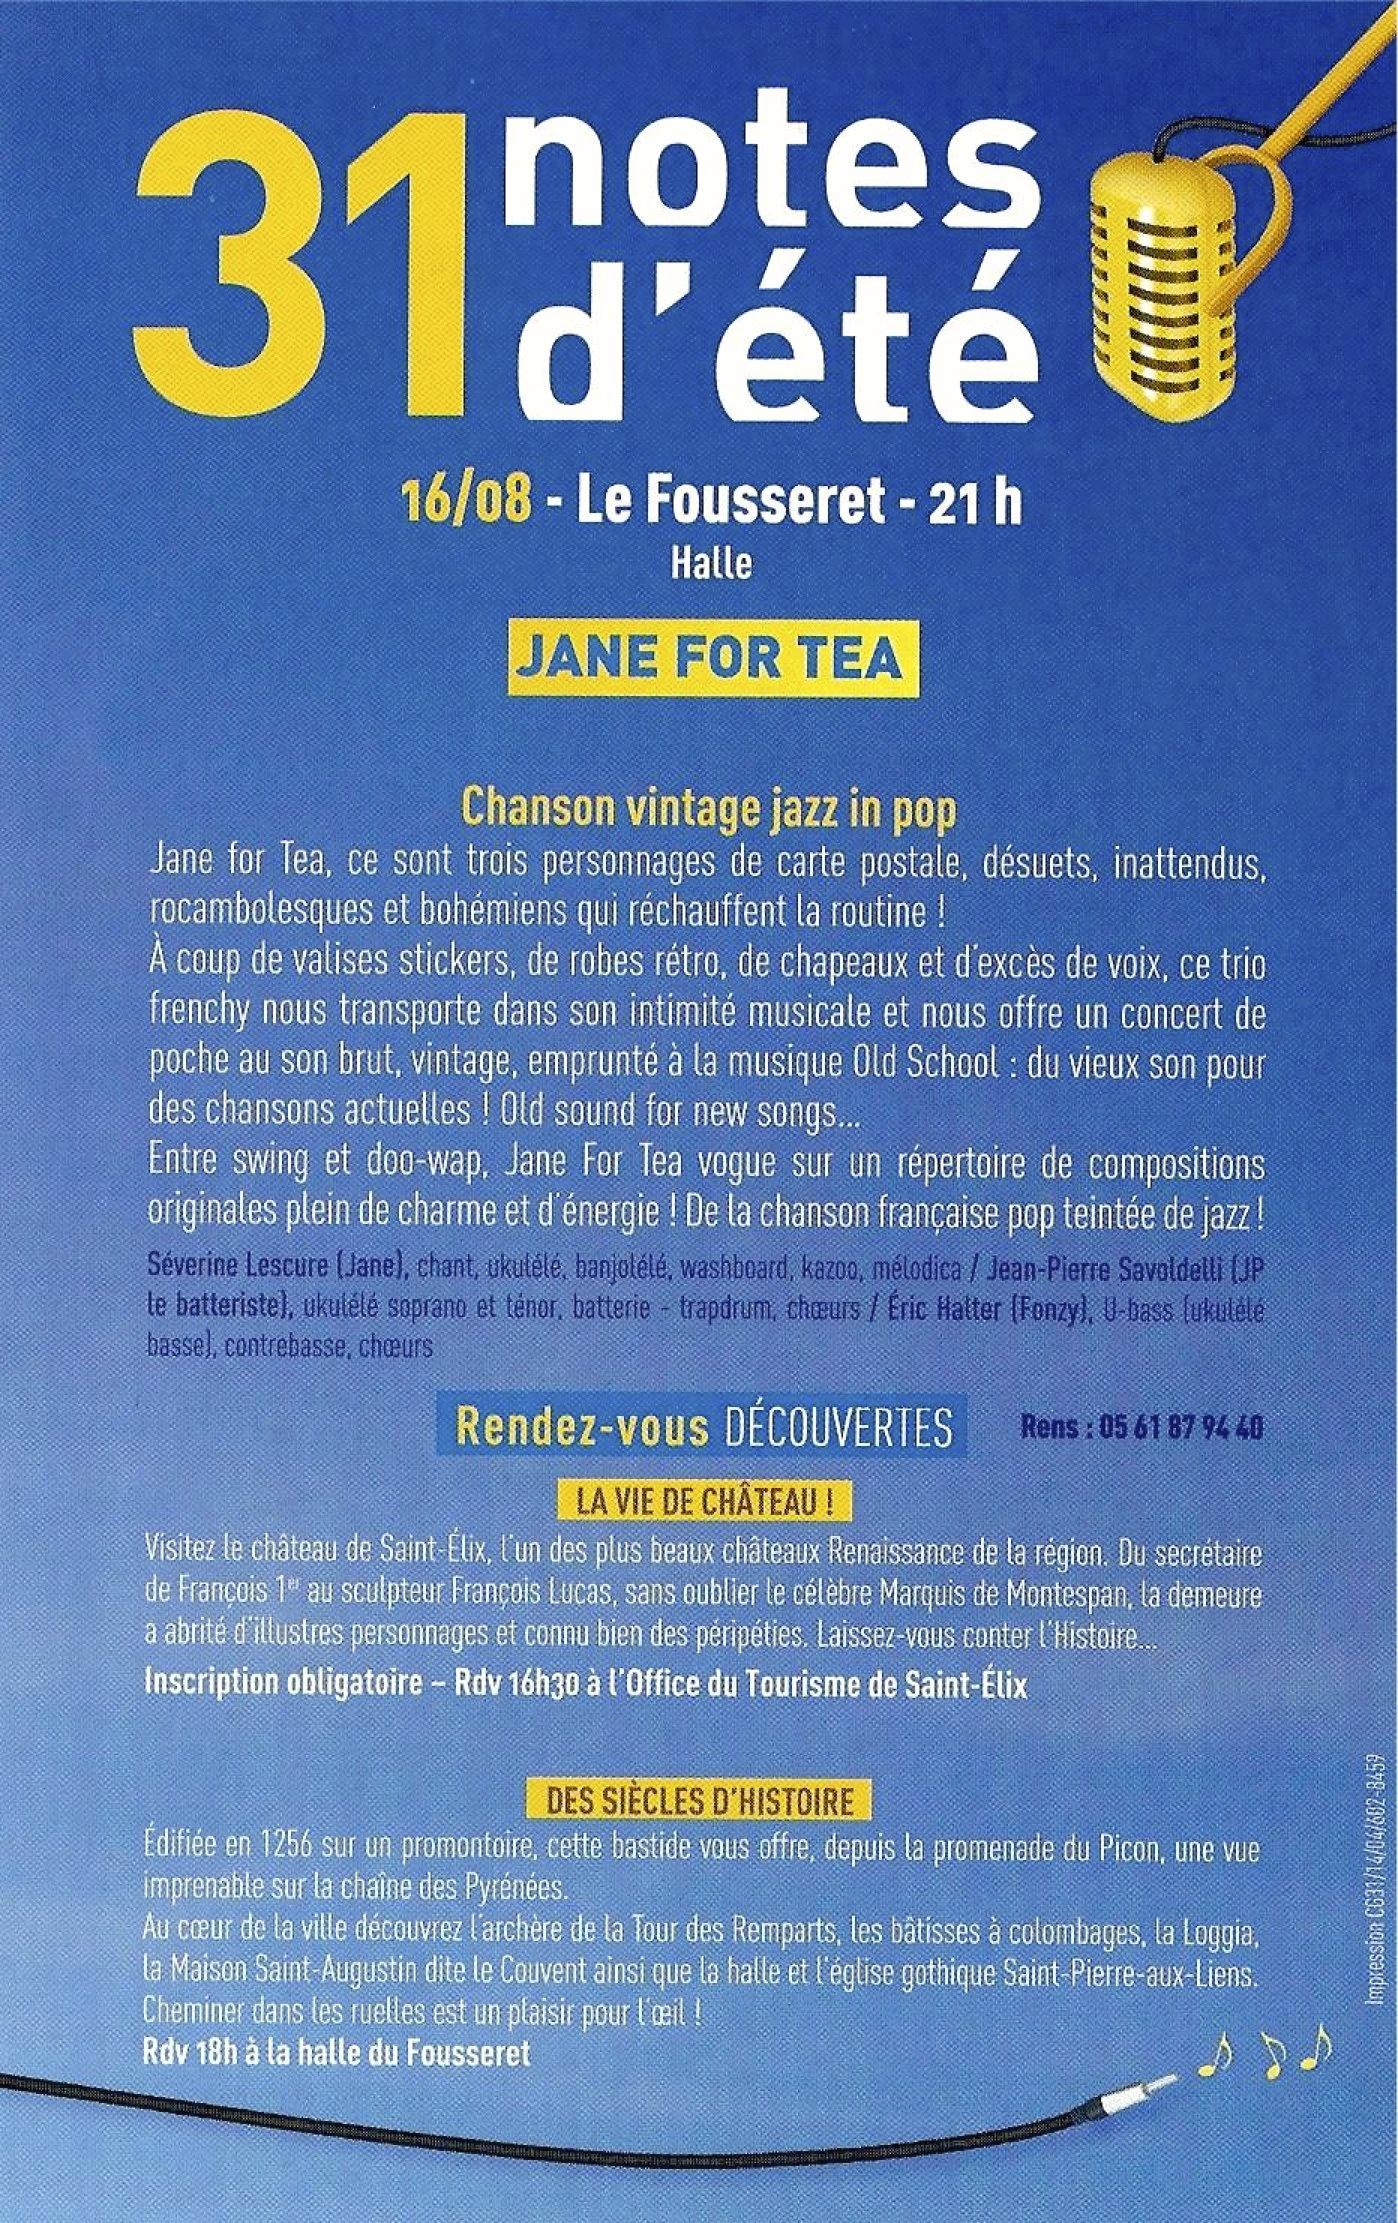 31 NOTES D'ETE JFT FOUSSERET 16 AOUT 2014.jpg